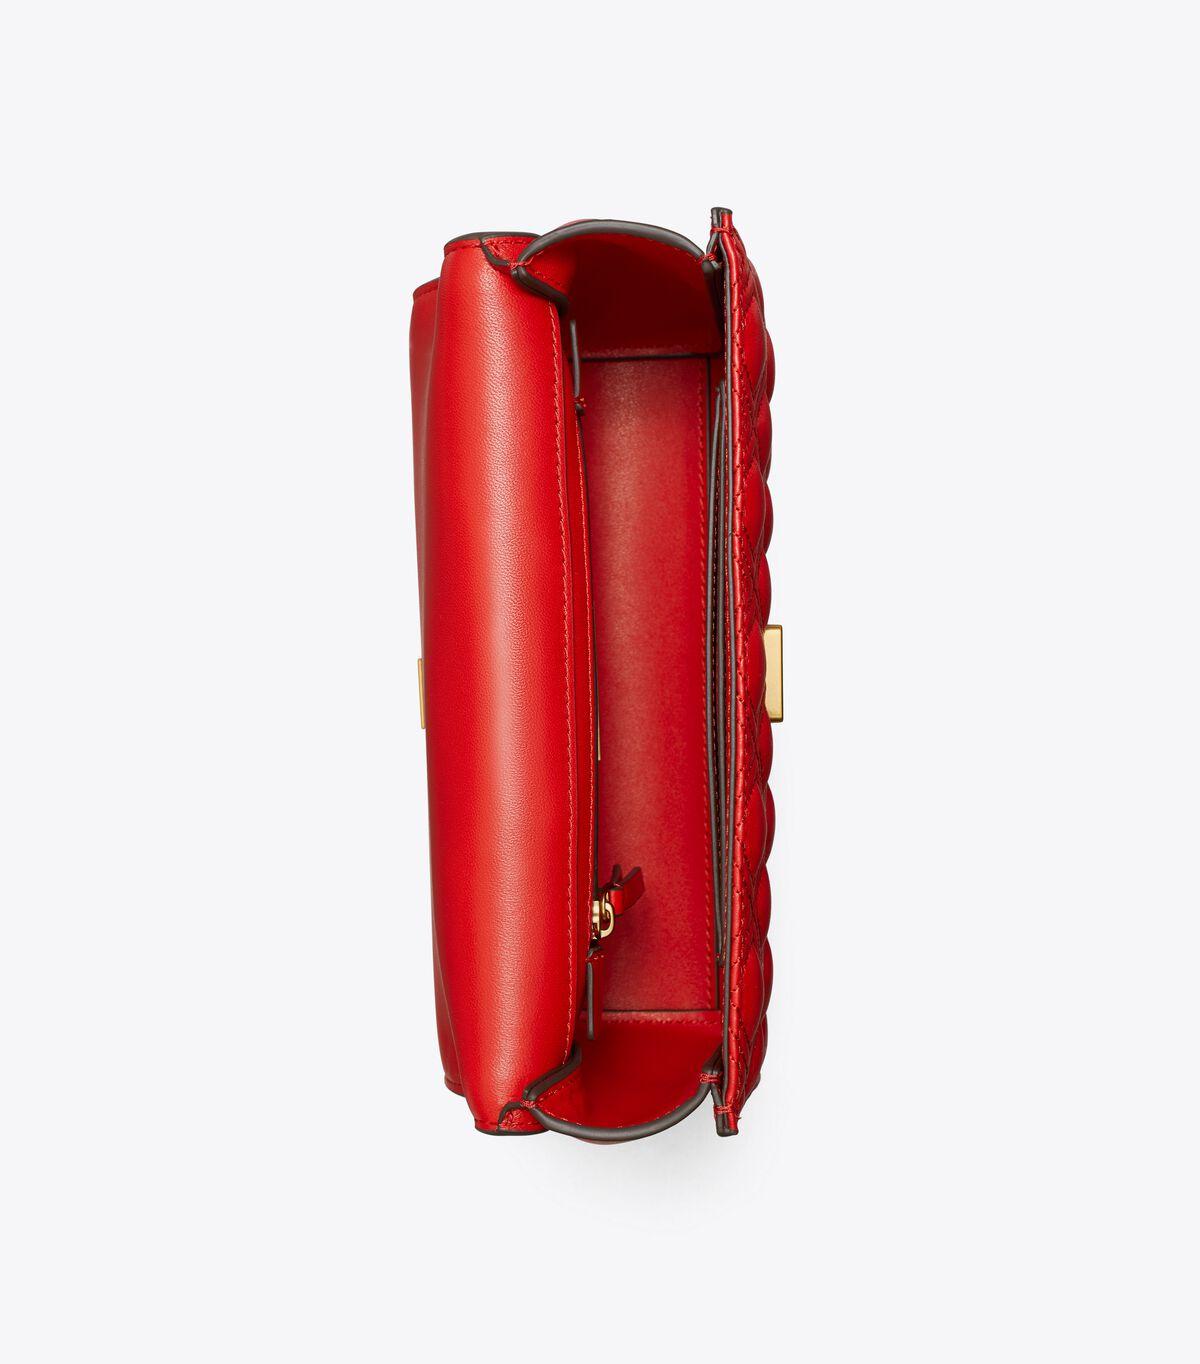 حقيبة كتف صغيرة قابلة للتحويل من فليمنج